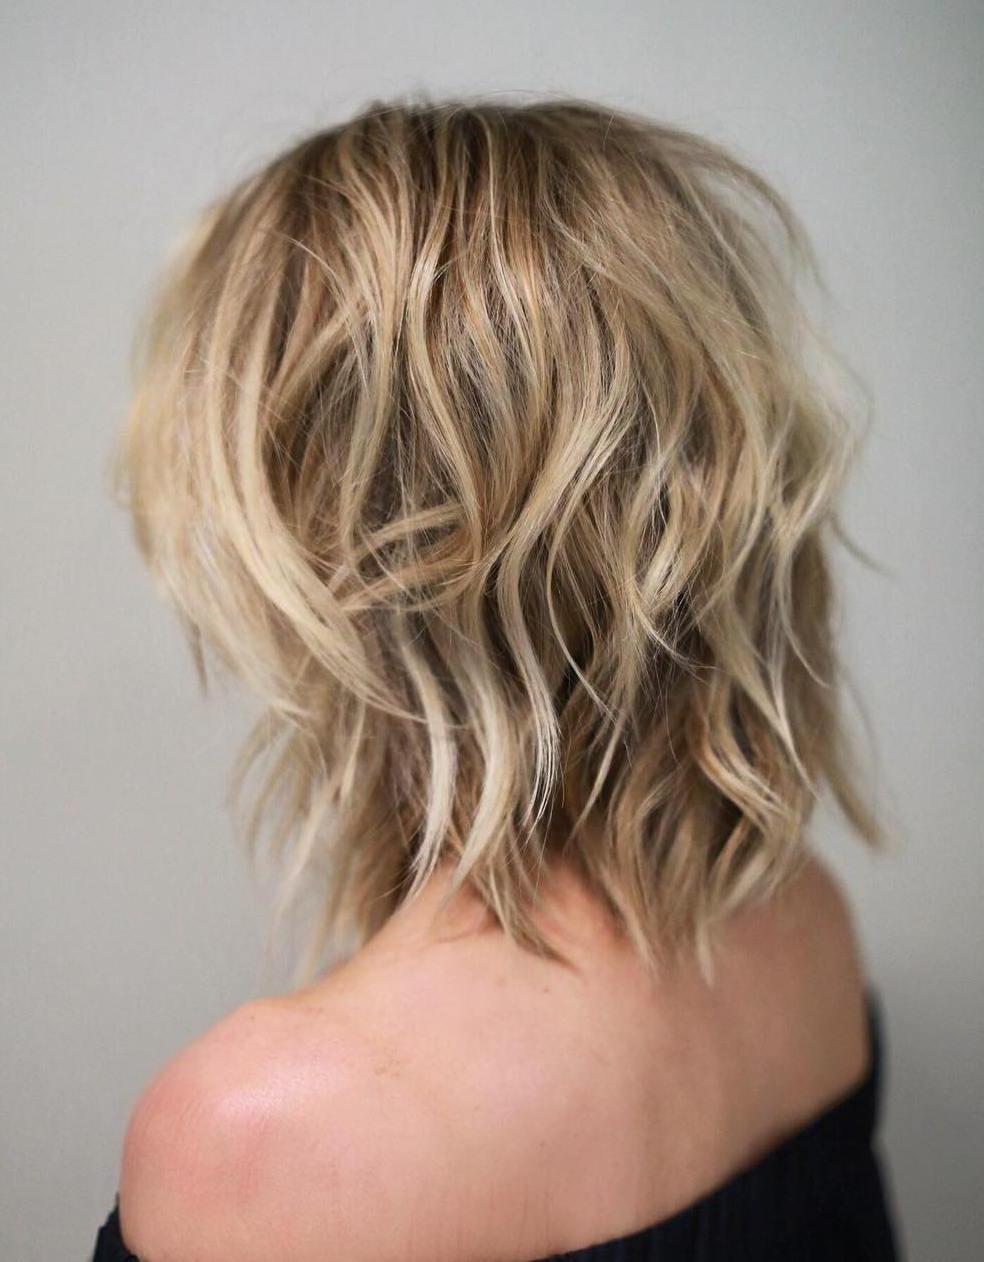 Shaggy Medium Length Haircuts Throughout Latest Shaggy Chestnut Medium Length Hairstyles (View 4 of 20)